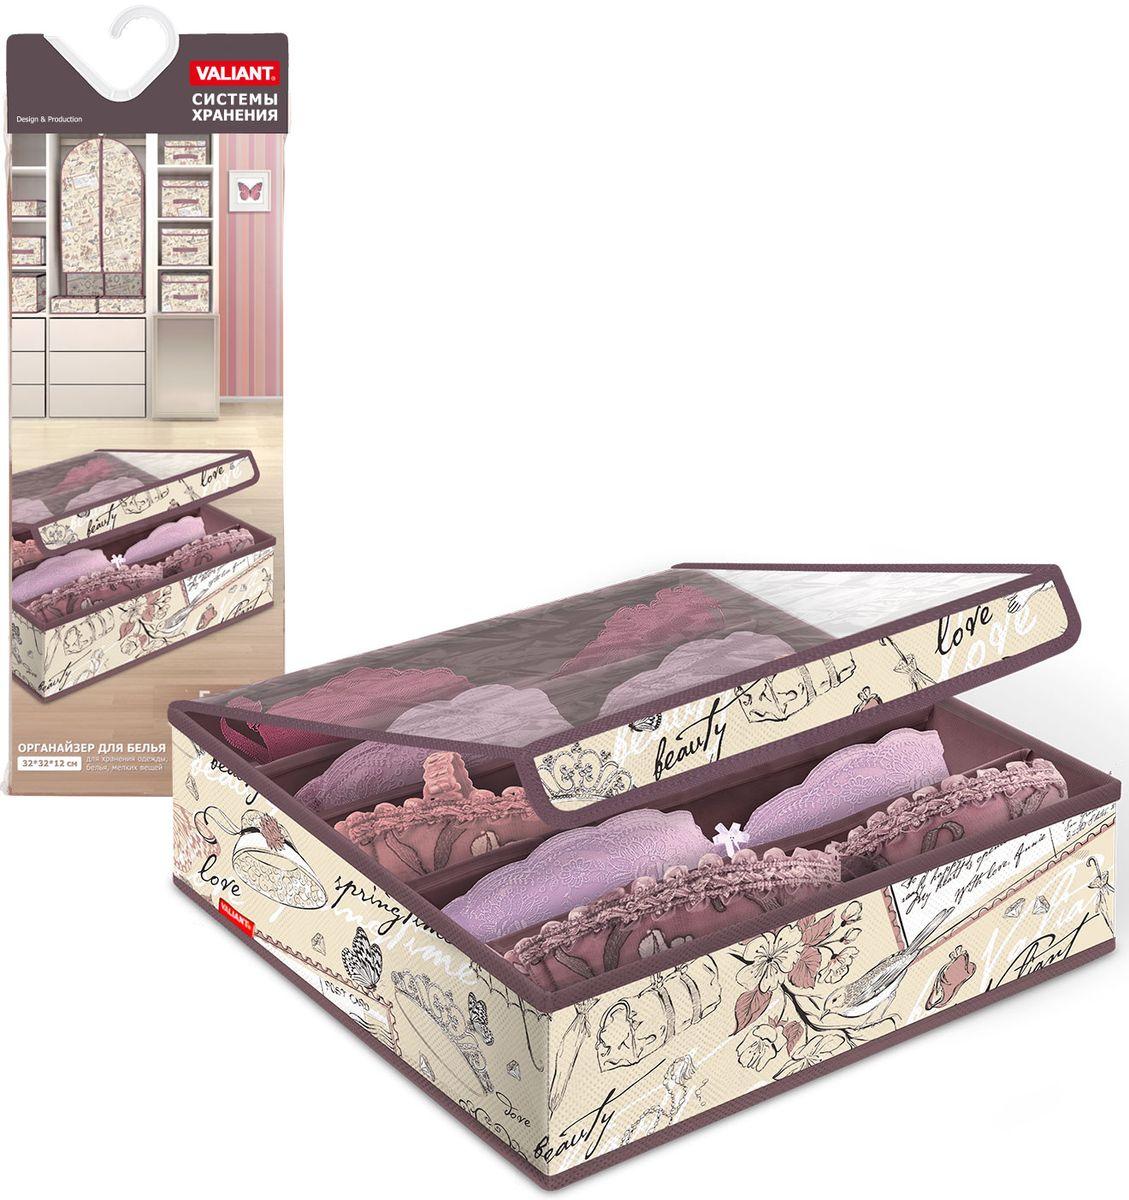 Органайзер для бюстгалтеров Valiant Romantic, с прозрачной крышкой, 32х32х12 см, 5 секций